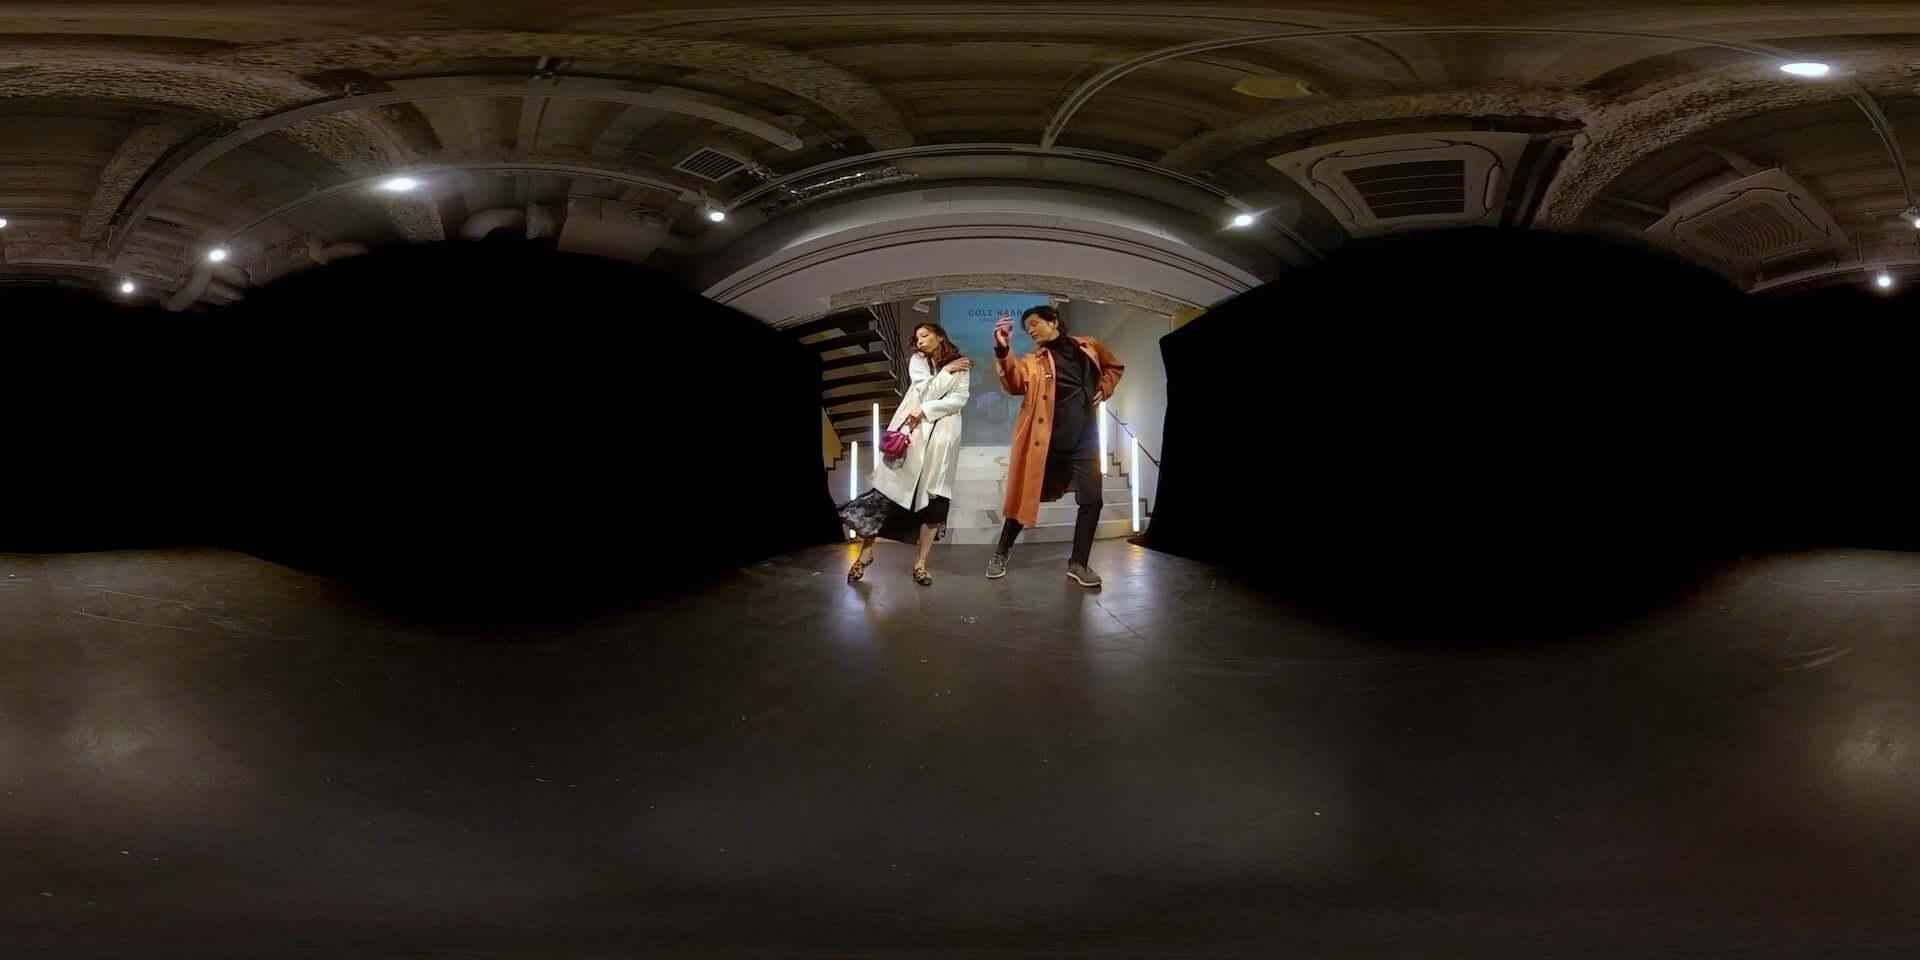 ローレン・サイのアートも展示!原宿キャットストリートに新コンセプトストア「COLE HAAN GRANDSHØP」がオープン&VRショーのレポートも到着 lf201204_colehaan_10-1920x960